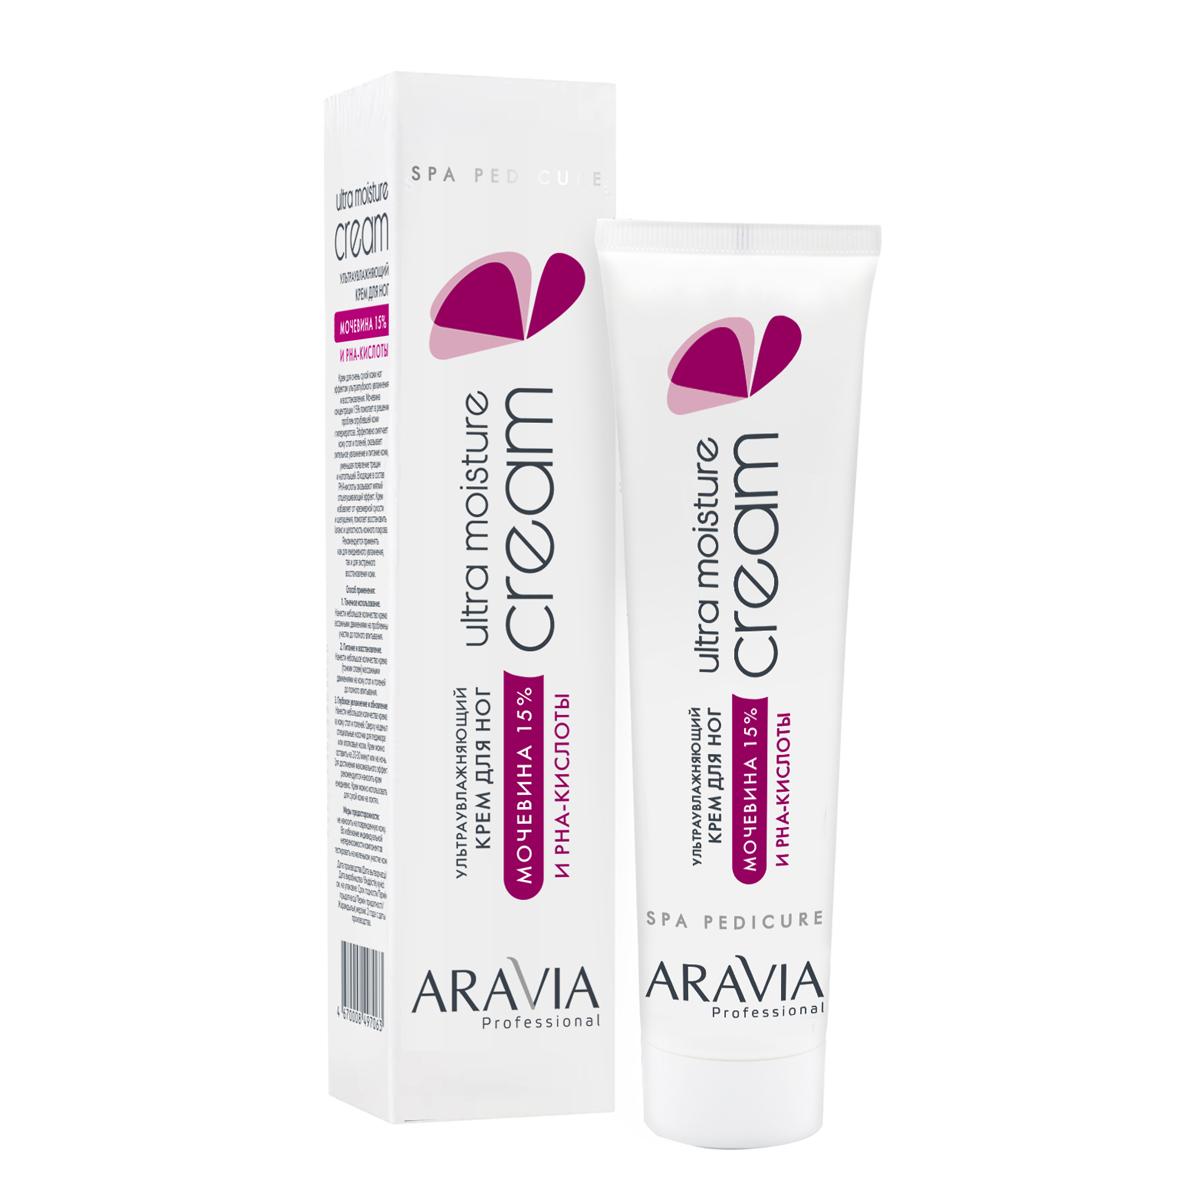 Купить Aravia professional Крем ультраувлажняющий для ног с мочевиной (15%) и PHA-кислотами Ultra Moisture Cream, 100 мл (Aravia professional, SPA-педикюр), Россия